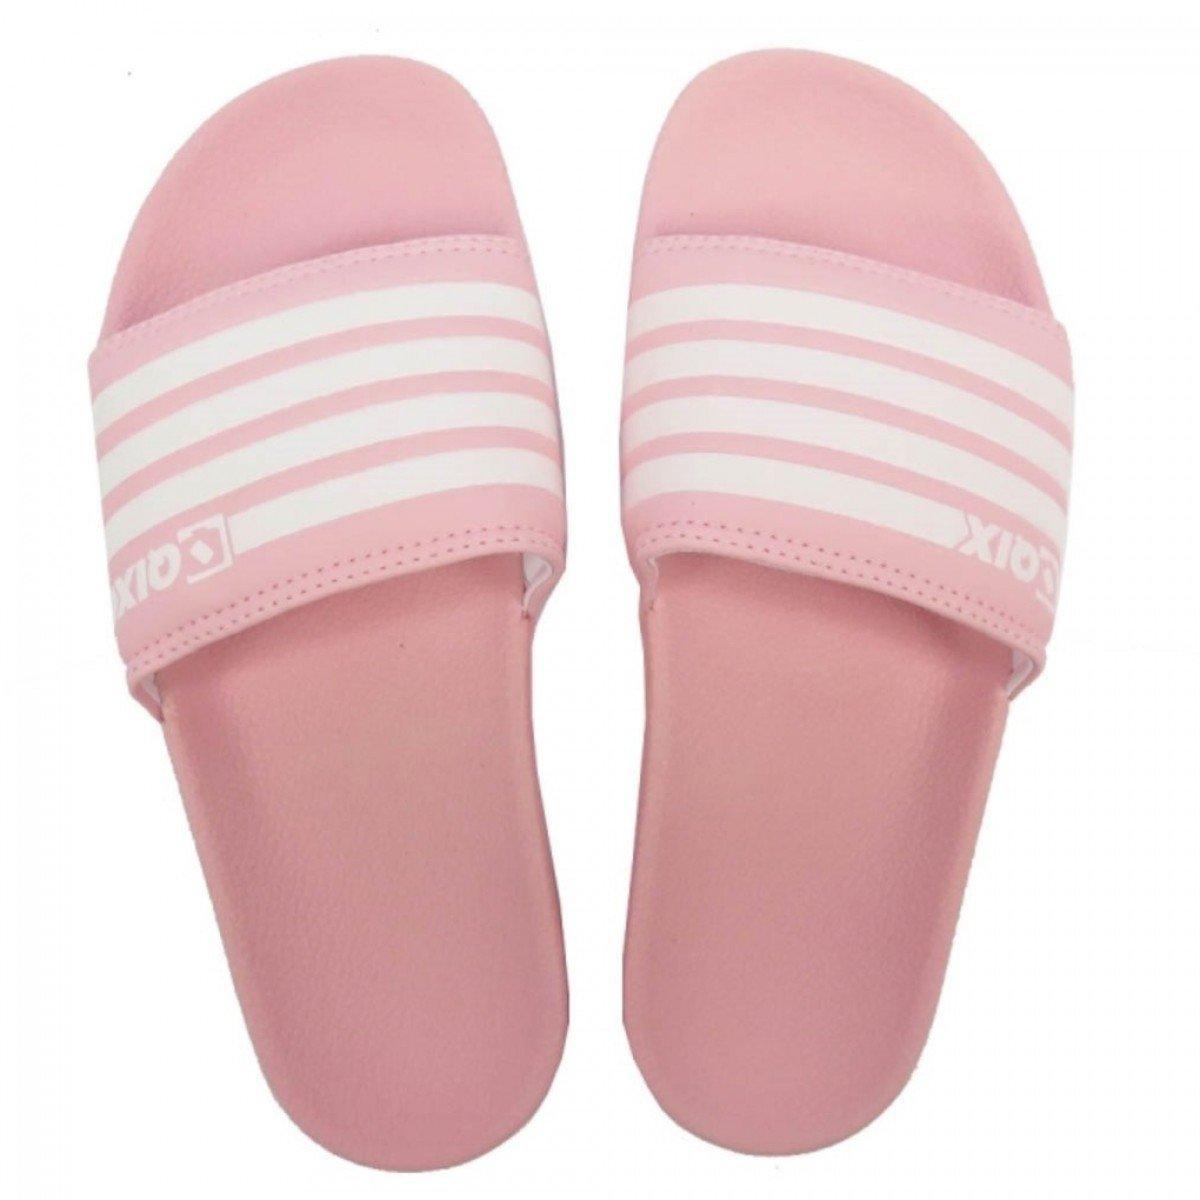 9722f601a Chinelo QIX Slide Feminino Rosa - Compre Agora